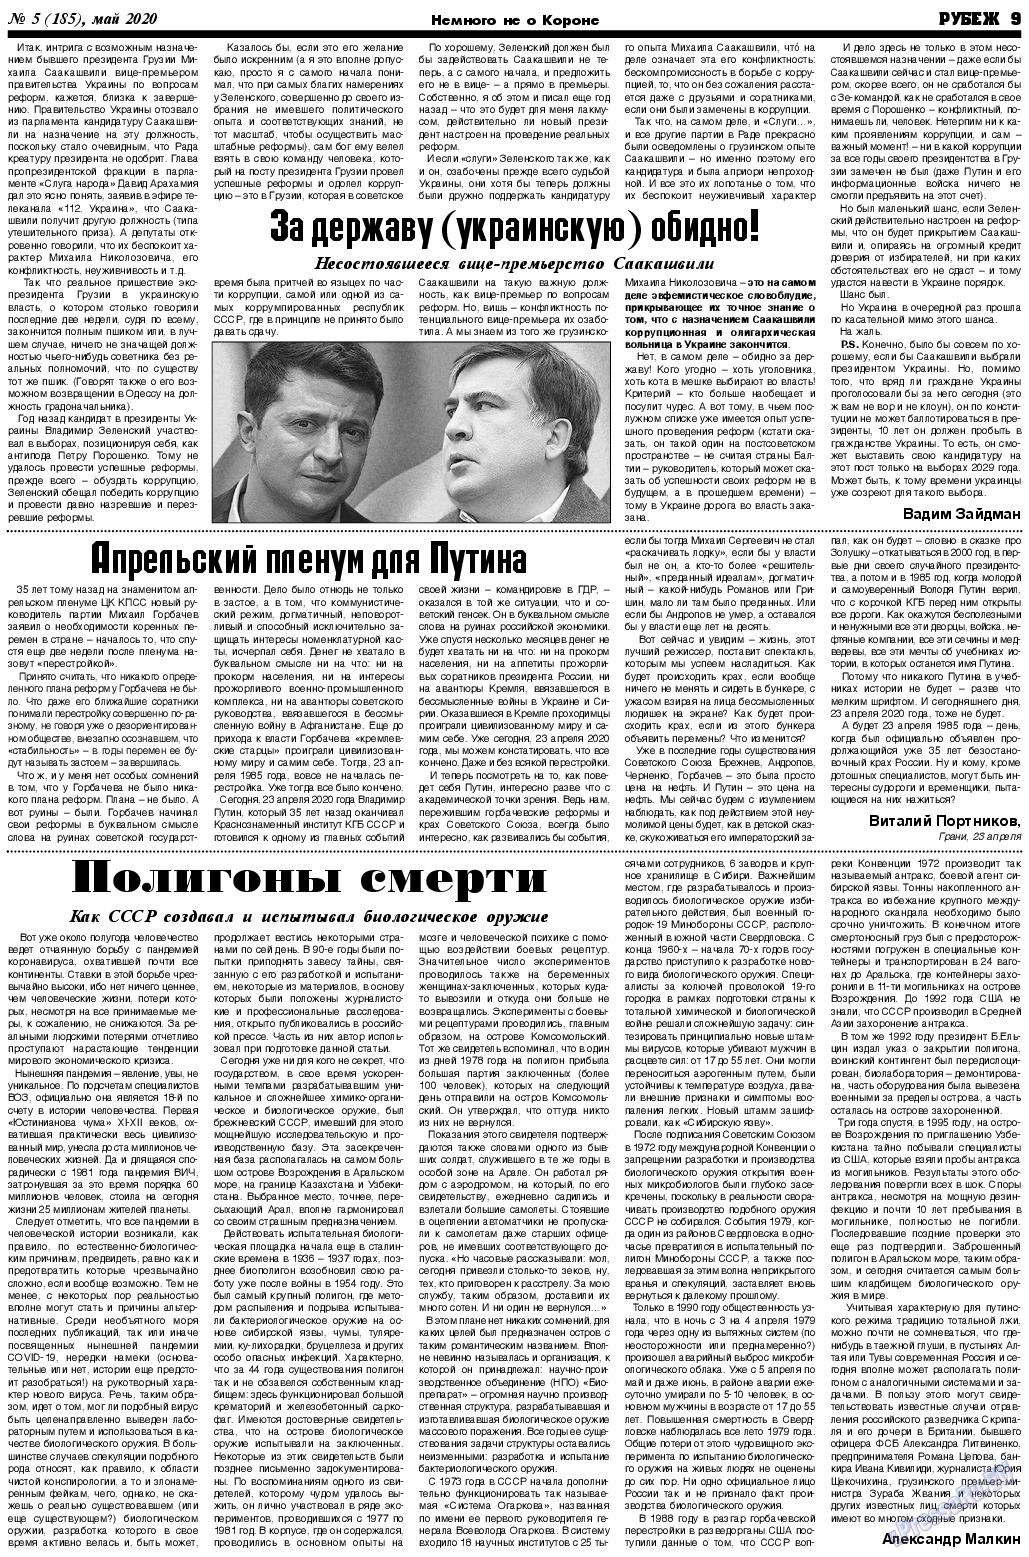 Рубеж (газета). 2020 год, номер 5, стр. 9